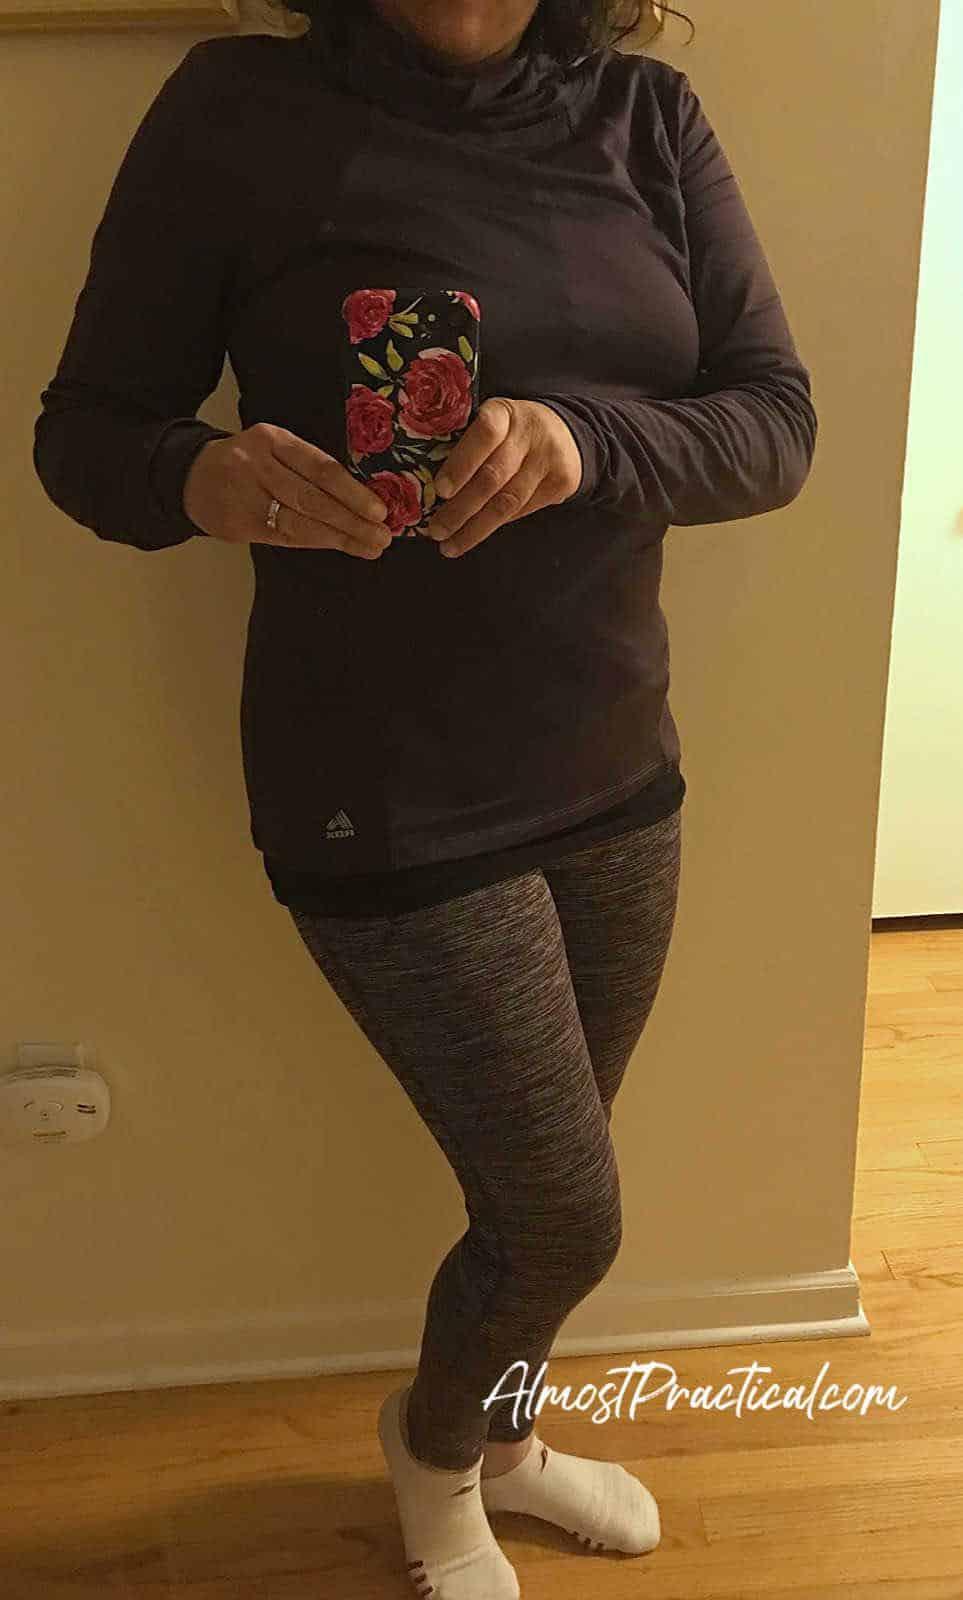 Winter athletic wardrobe - selfie